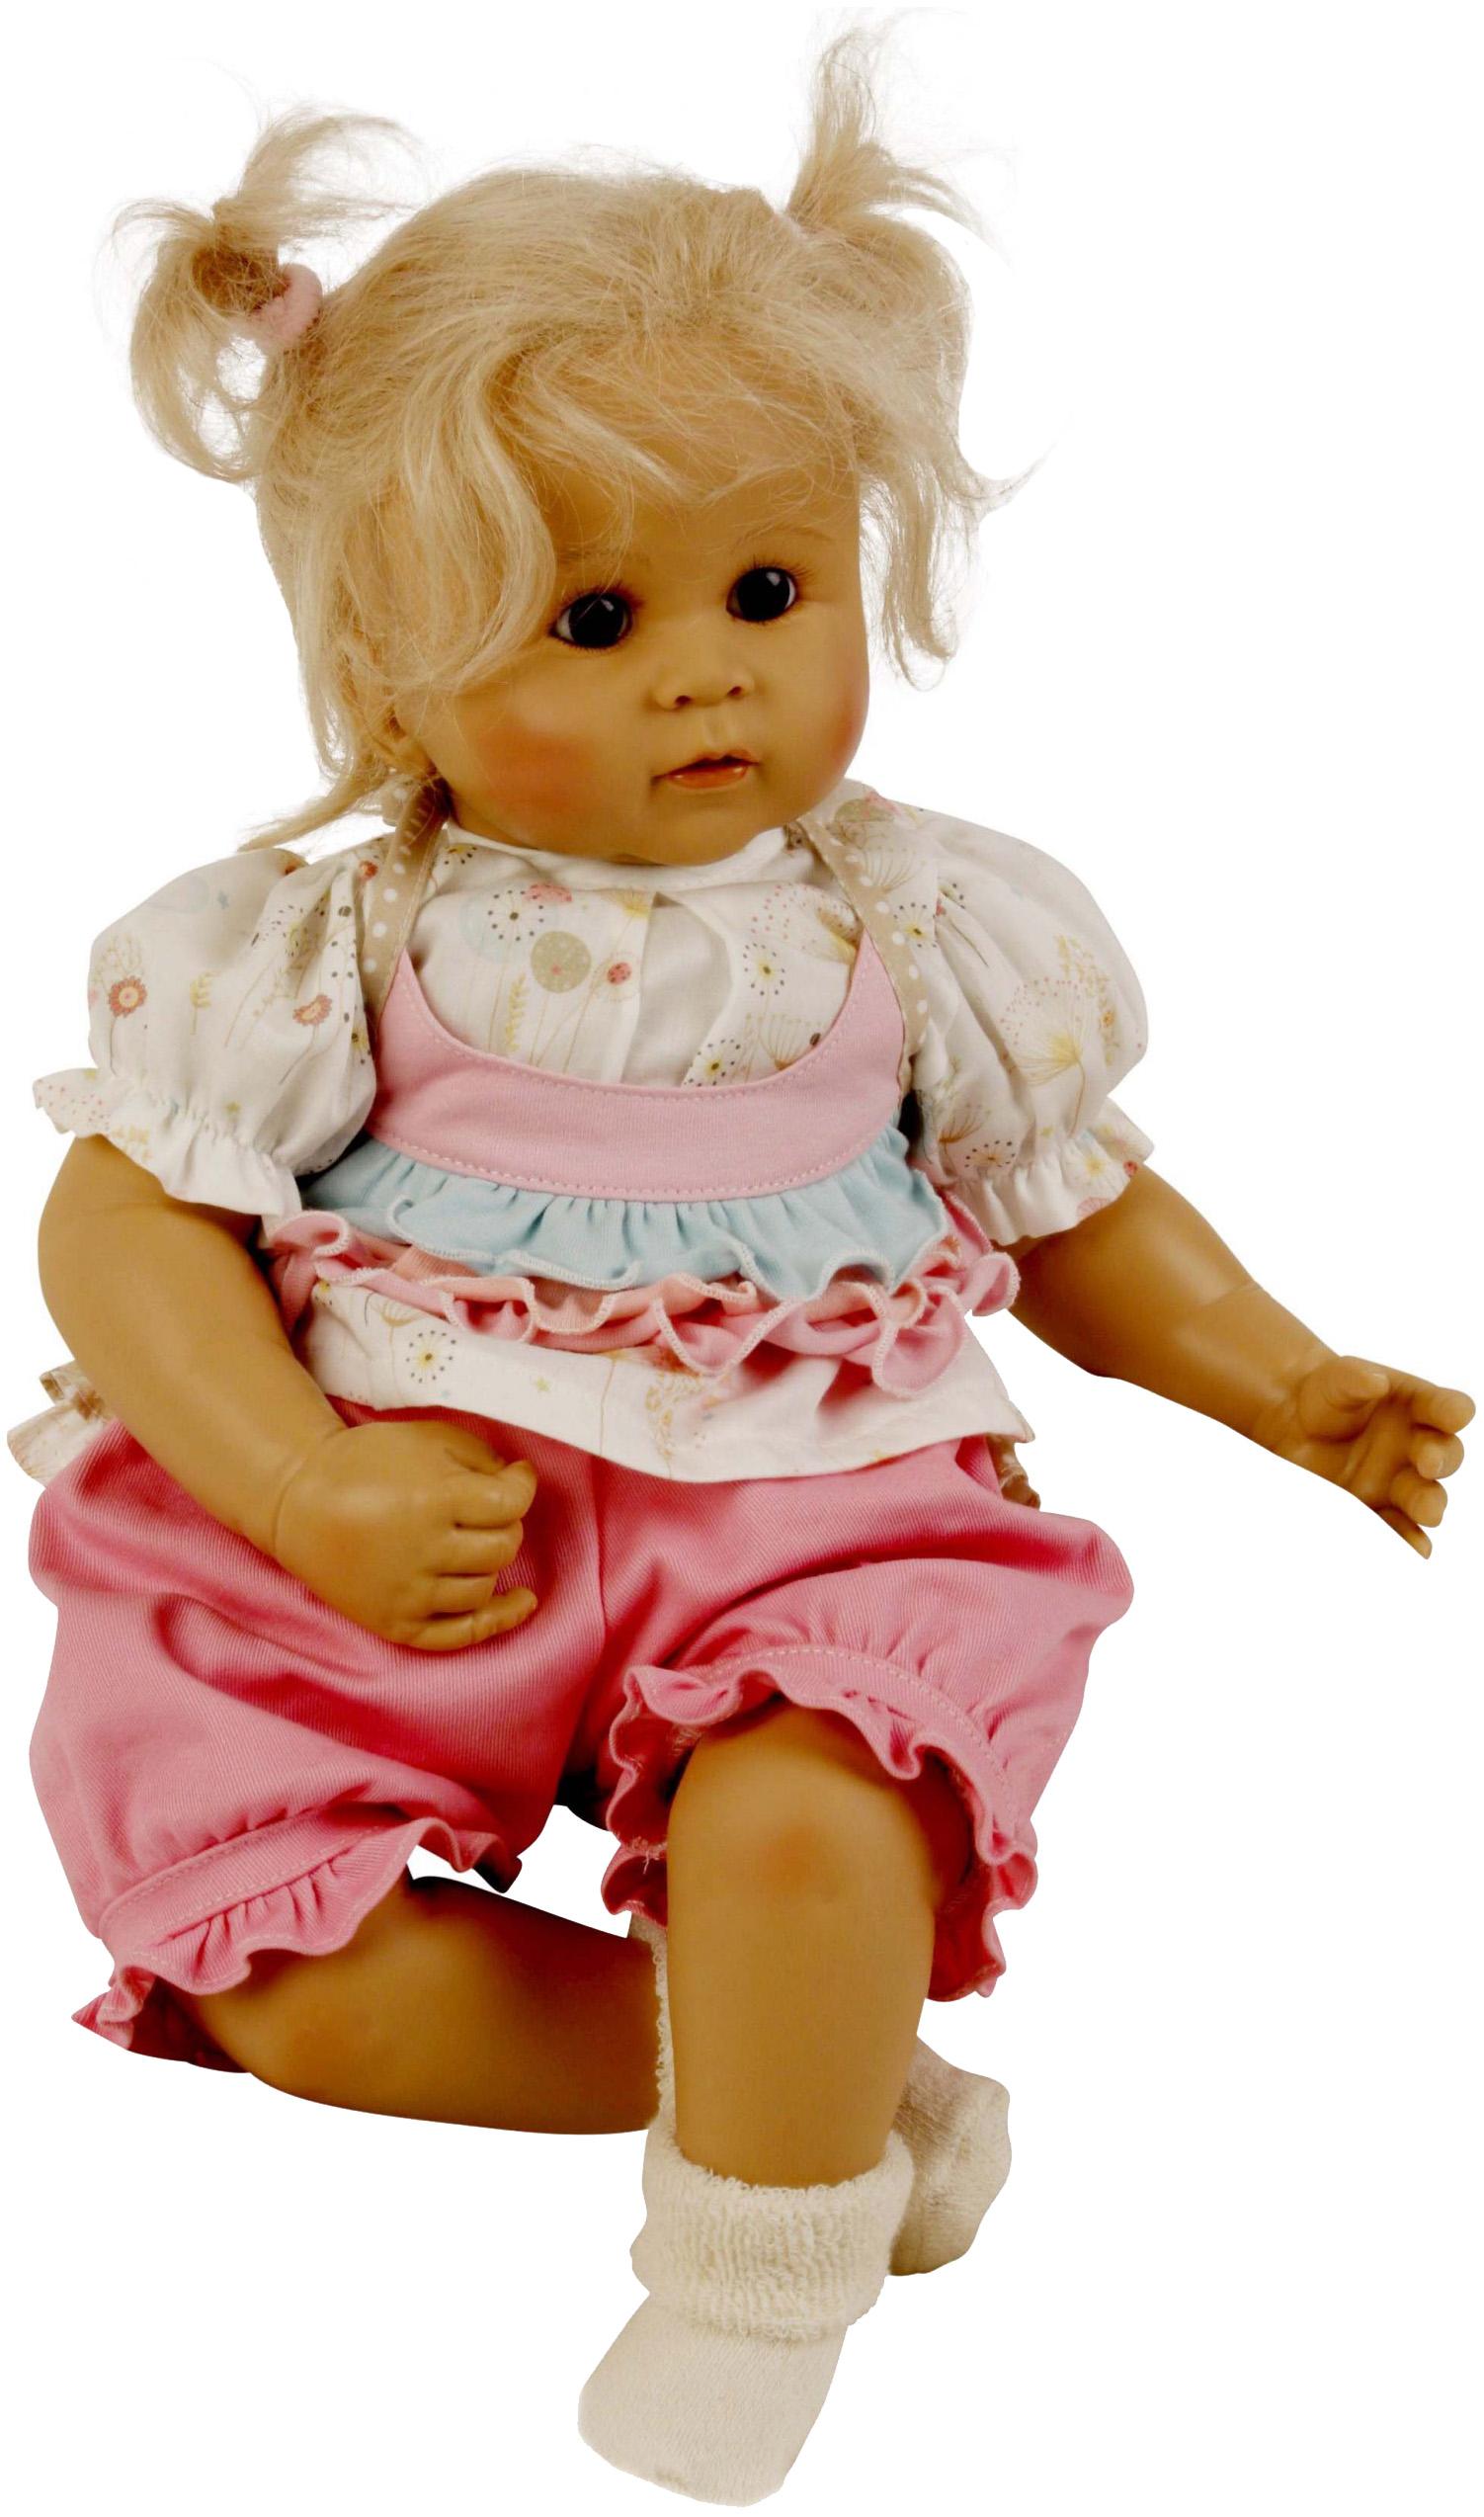 """Коллекционная кукла """"Schildkröt Rolanda Heimer. Нина"""", 53 см, арт. 29253453"""